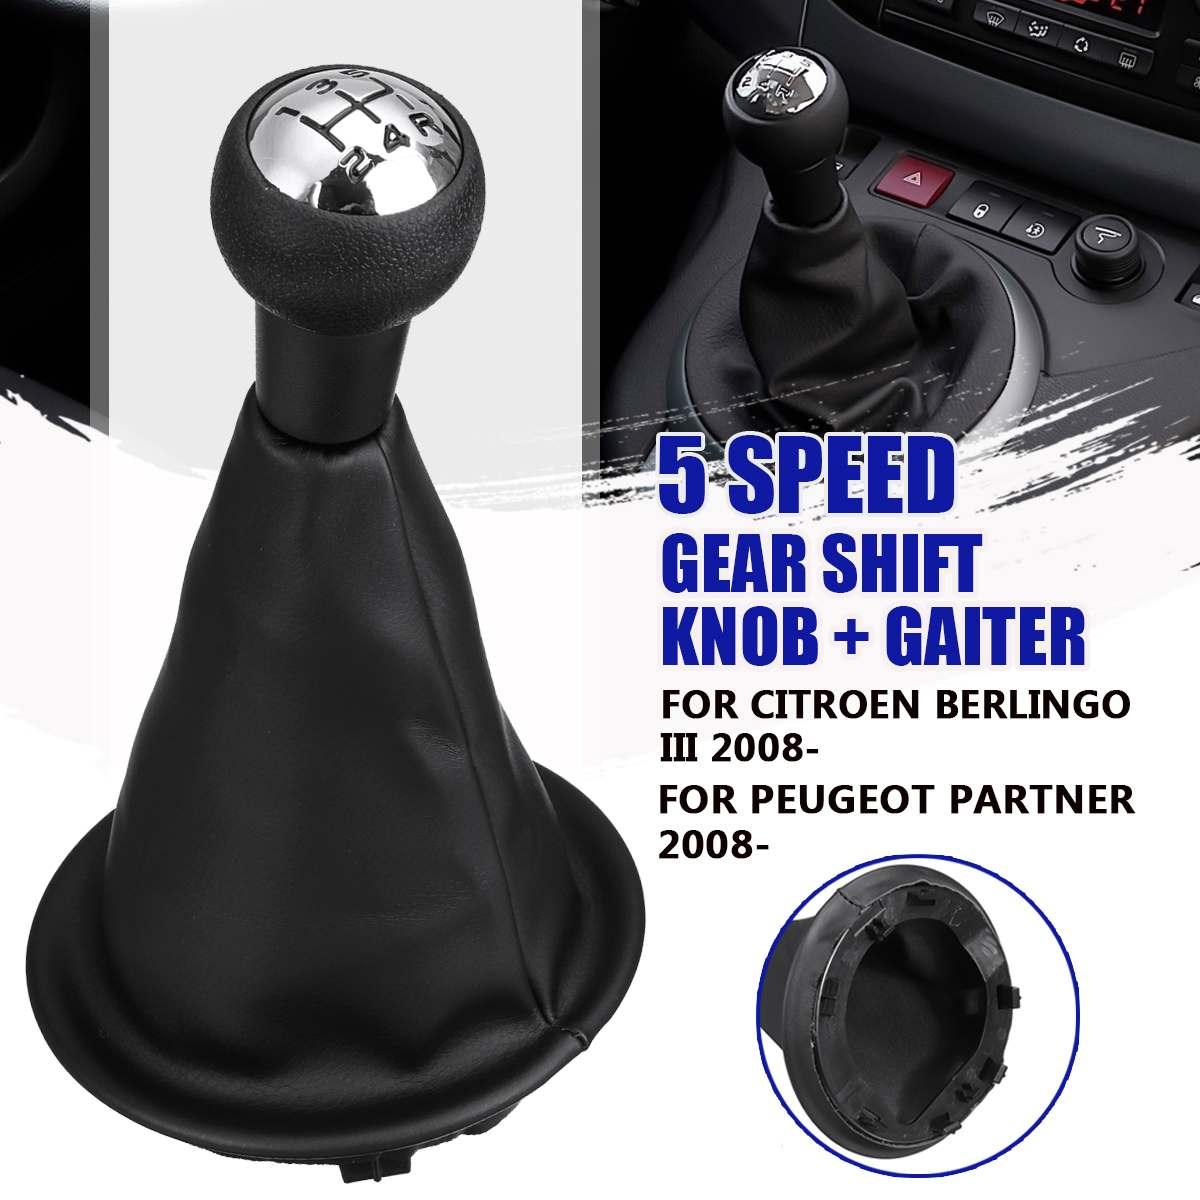 Ручка переключения рулевого механизма автомобиля рычаг переключения передач Gaiter загрузки чехол из искусственной кожи для Citroen Berlingo III MK3 для Peugeot партнер 2008-on